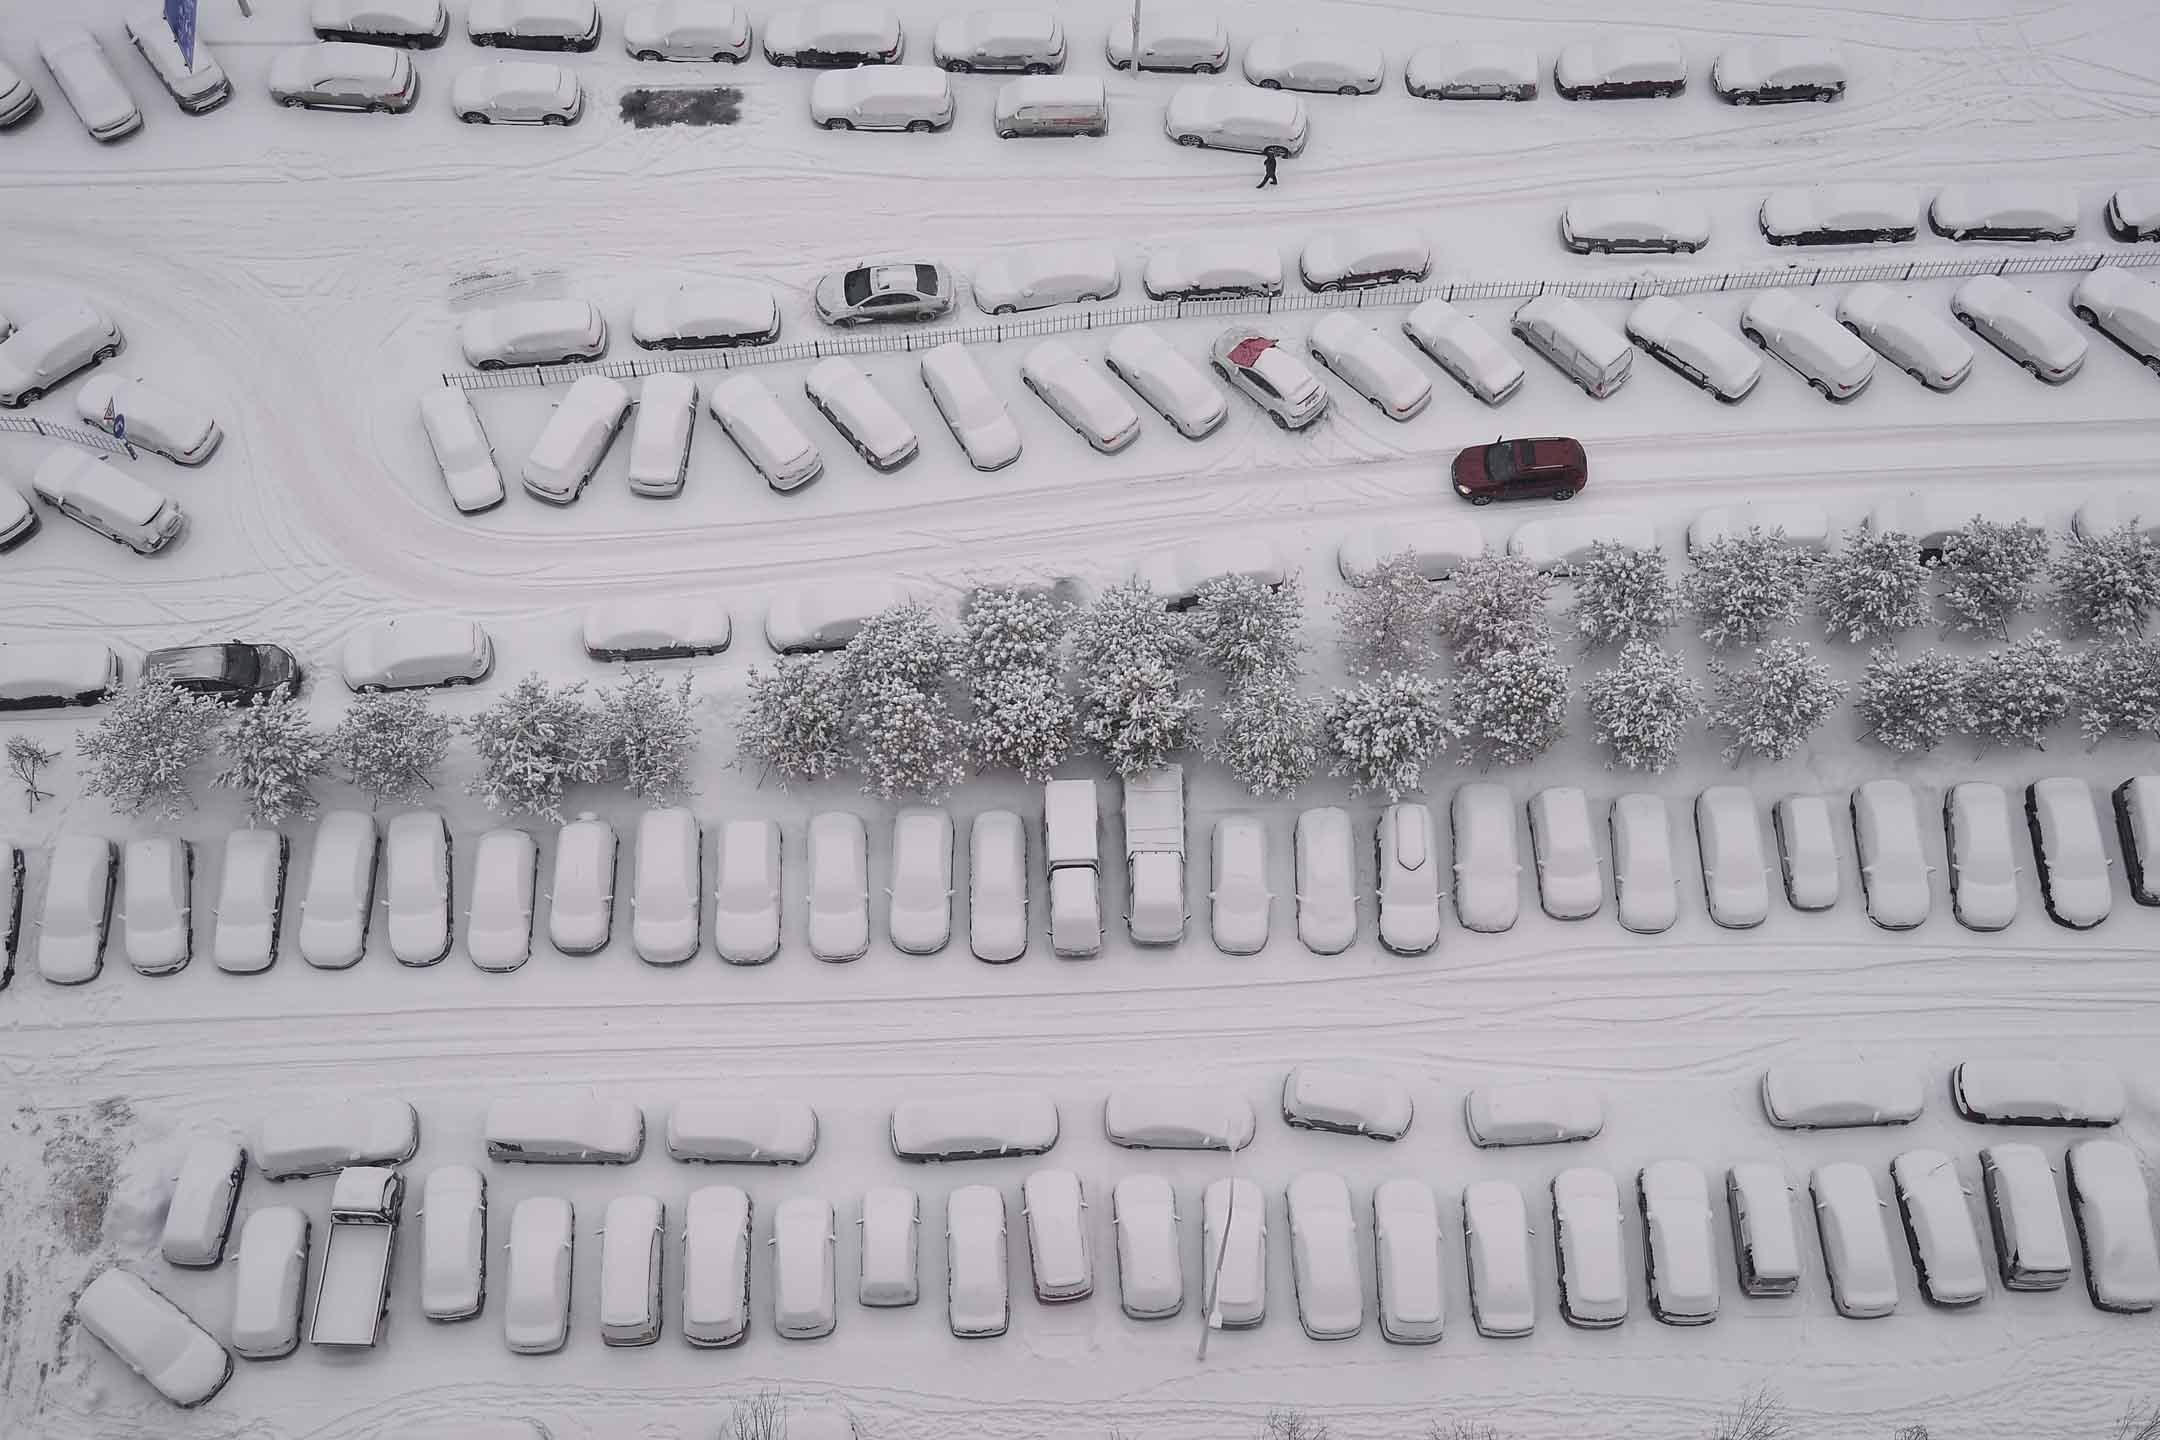 2020年2月22日,黑龍江哈爾濱市降雪,被積雪覆蓋的車輛。 攝:VCG/VCG via Getty Images